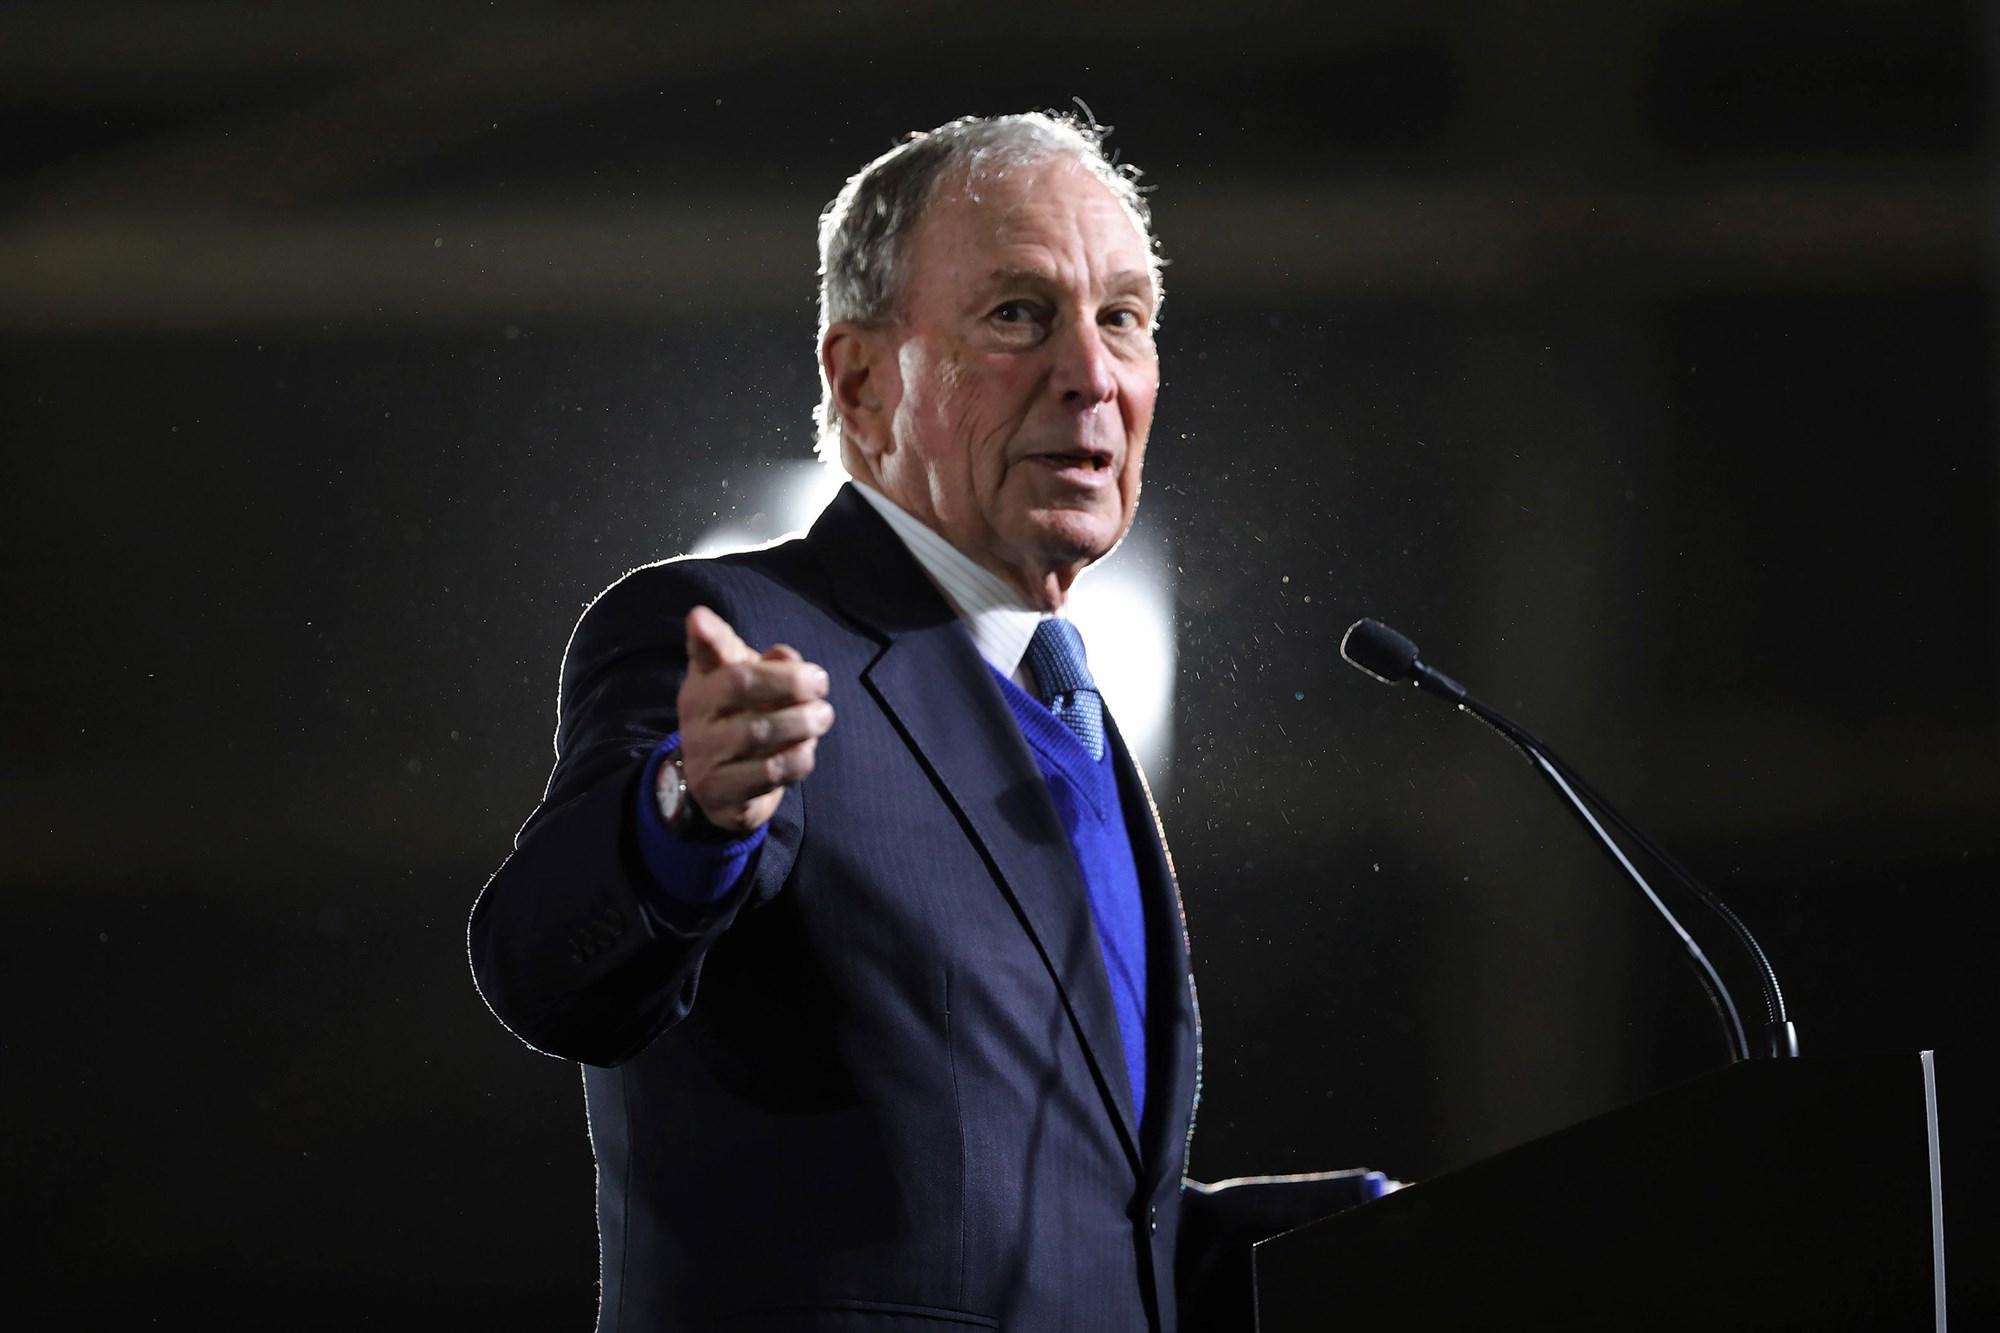 Tỷ phú Bloomberg dự kiến chi 100 triệu USD giúp ông Joe Biden đánh bại Tổng thống Donald Trump - Ảnh 1